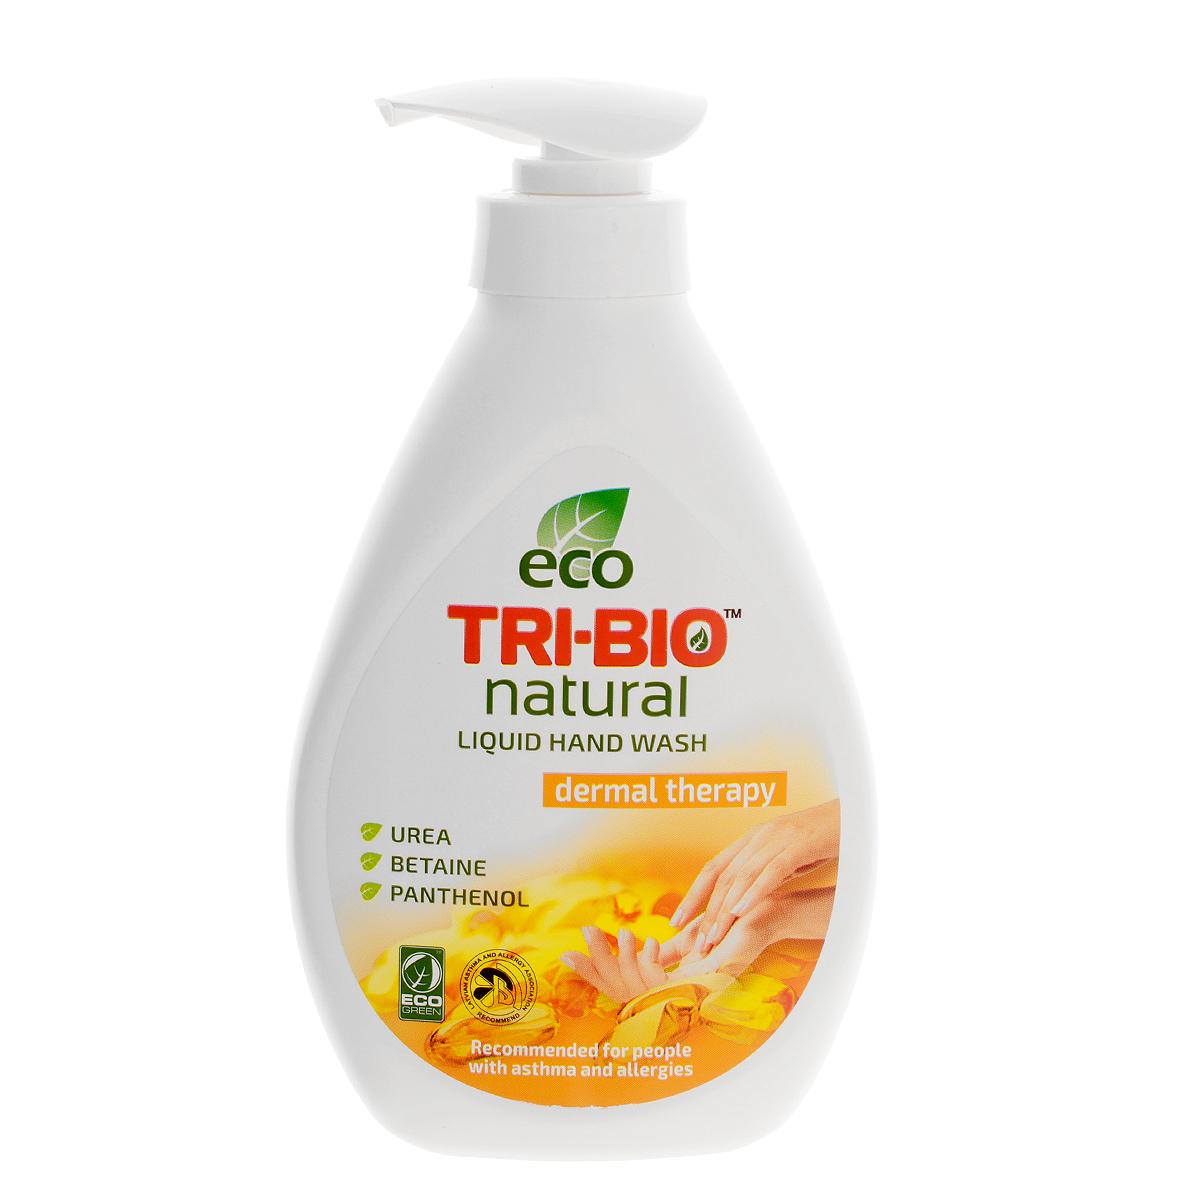 Натуральное жидкое эко-мыло Tri-Bio Дерматерапия, 240 мл0100Tri-Bio Дерматерапия - это уникальное жидкое мыло, основанное на натуральных растительных и минеральных компонентах, с фармацевтической урея, бетаином, пантенолом и лактатом, активно исцеляет и регенерирует сухую и раздраженную кожу. Подходит для нежной кожи детей. Рекомендовано для людей с сухой, чувствительной кожей, склонных к аллергиям и астме. Гипоаллергенное, не содержит ароматов, красителей и парабенов, нейтральный рн, биоразлагаемое. Восстанавливает естественный баланс кожи и влажность. Помогает сохранить кожу мягкой, гладкой, шелковистой и здоровой. Присвоены ECO сертификаты.